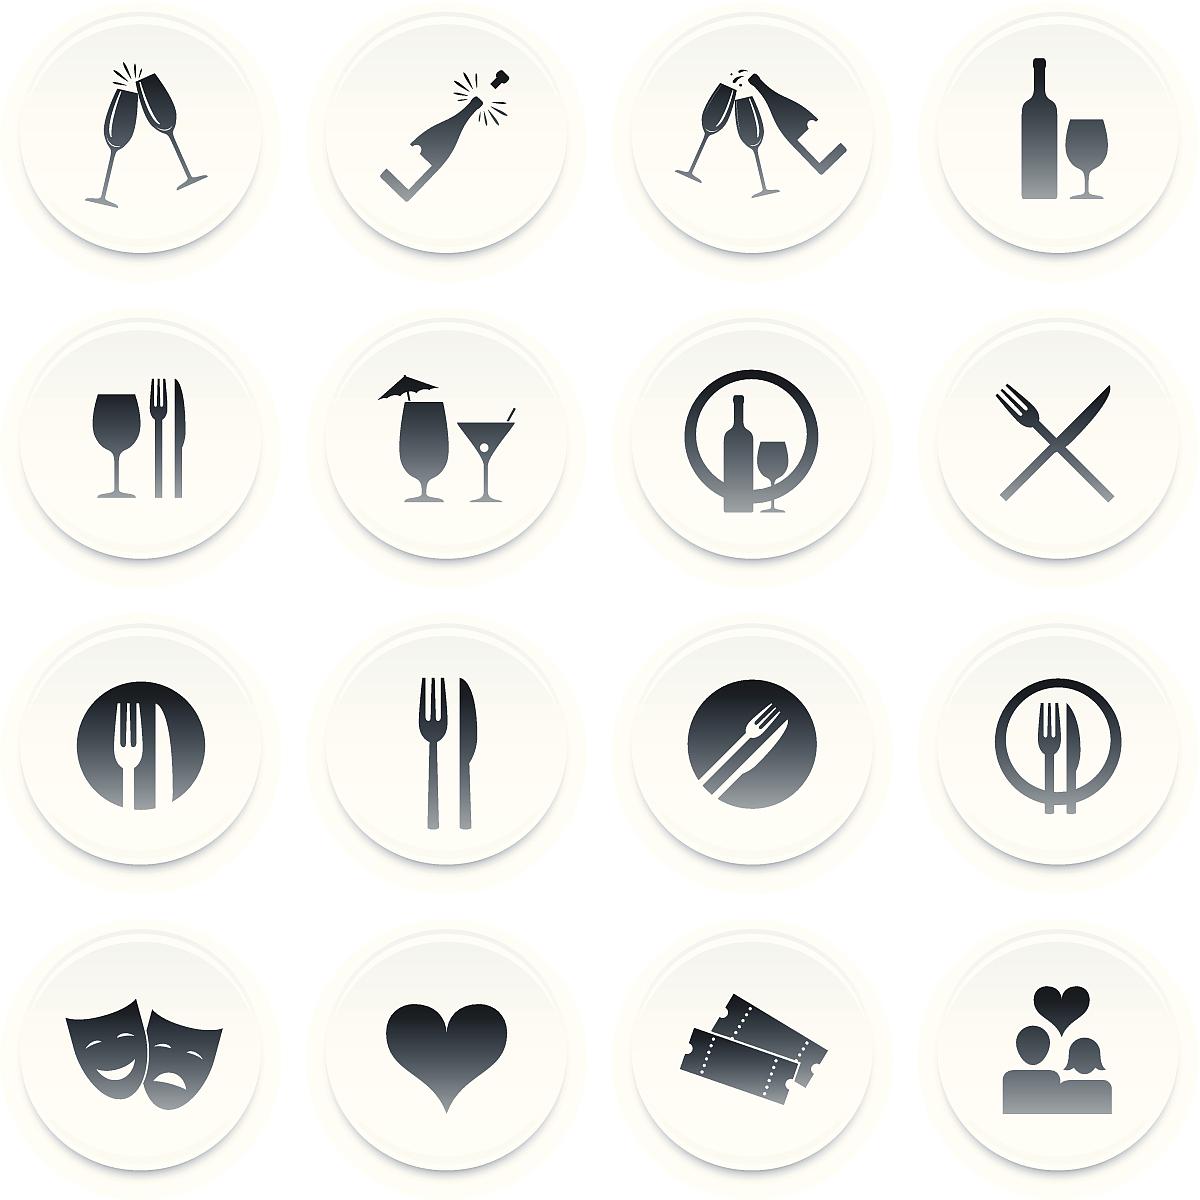 好客/餐饮图标图片